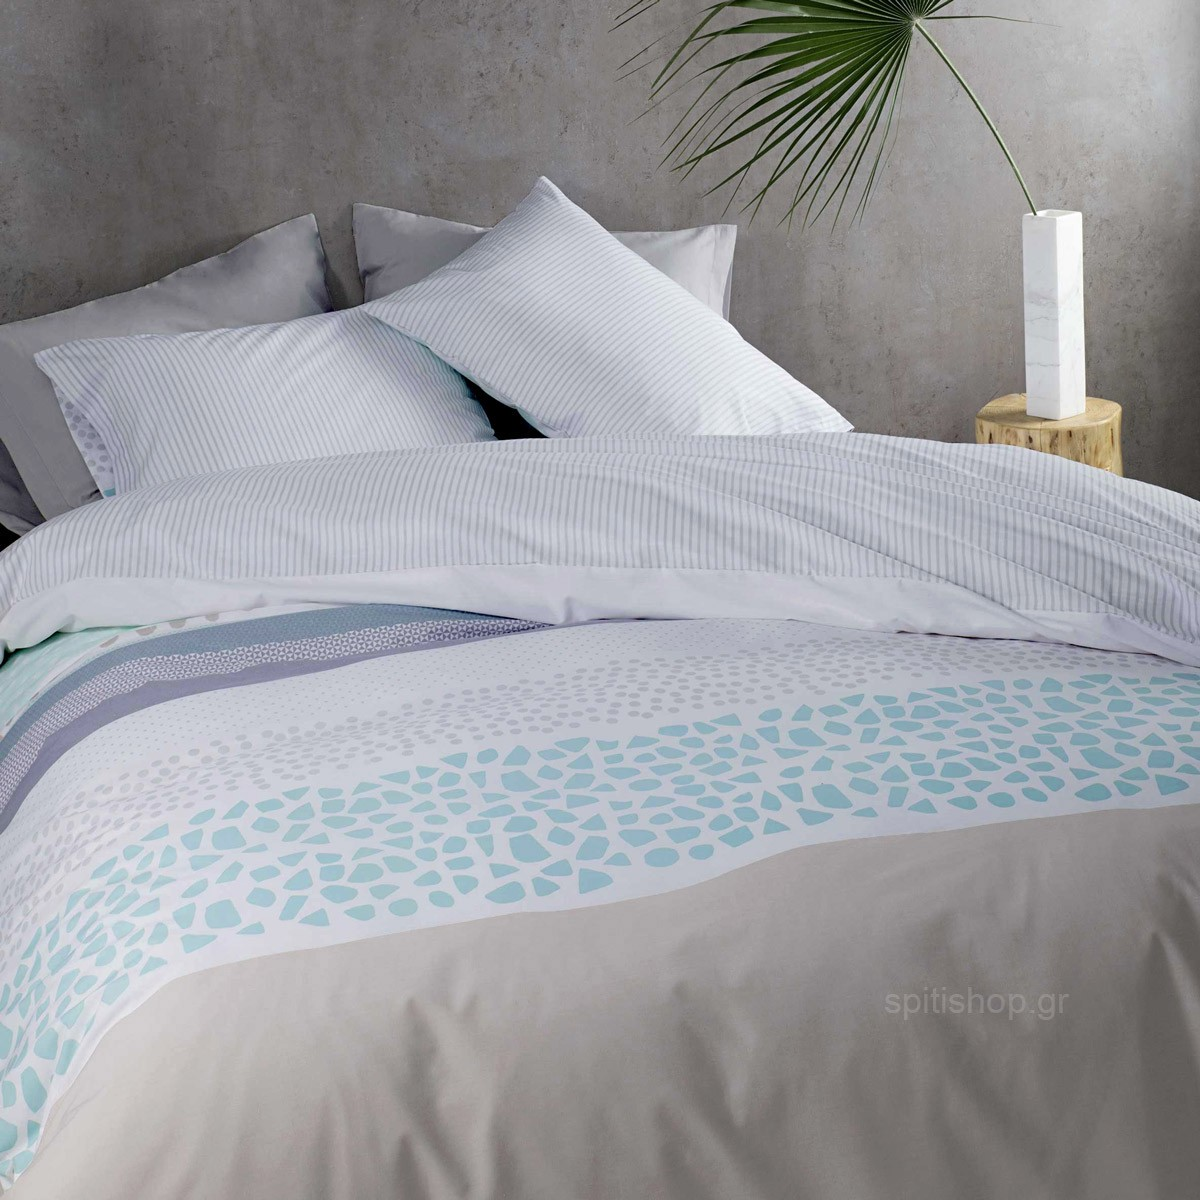 Κουβερλί Υπέρδιπλο Nima Bed Linen Adisha Aqua